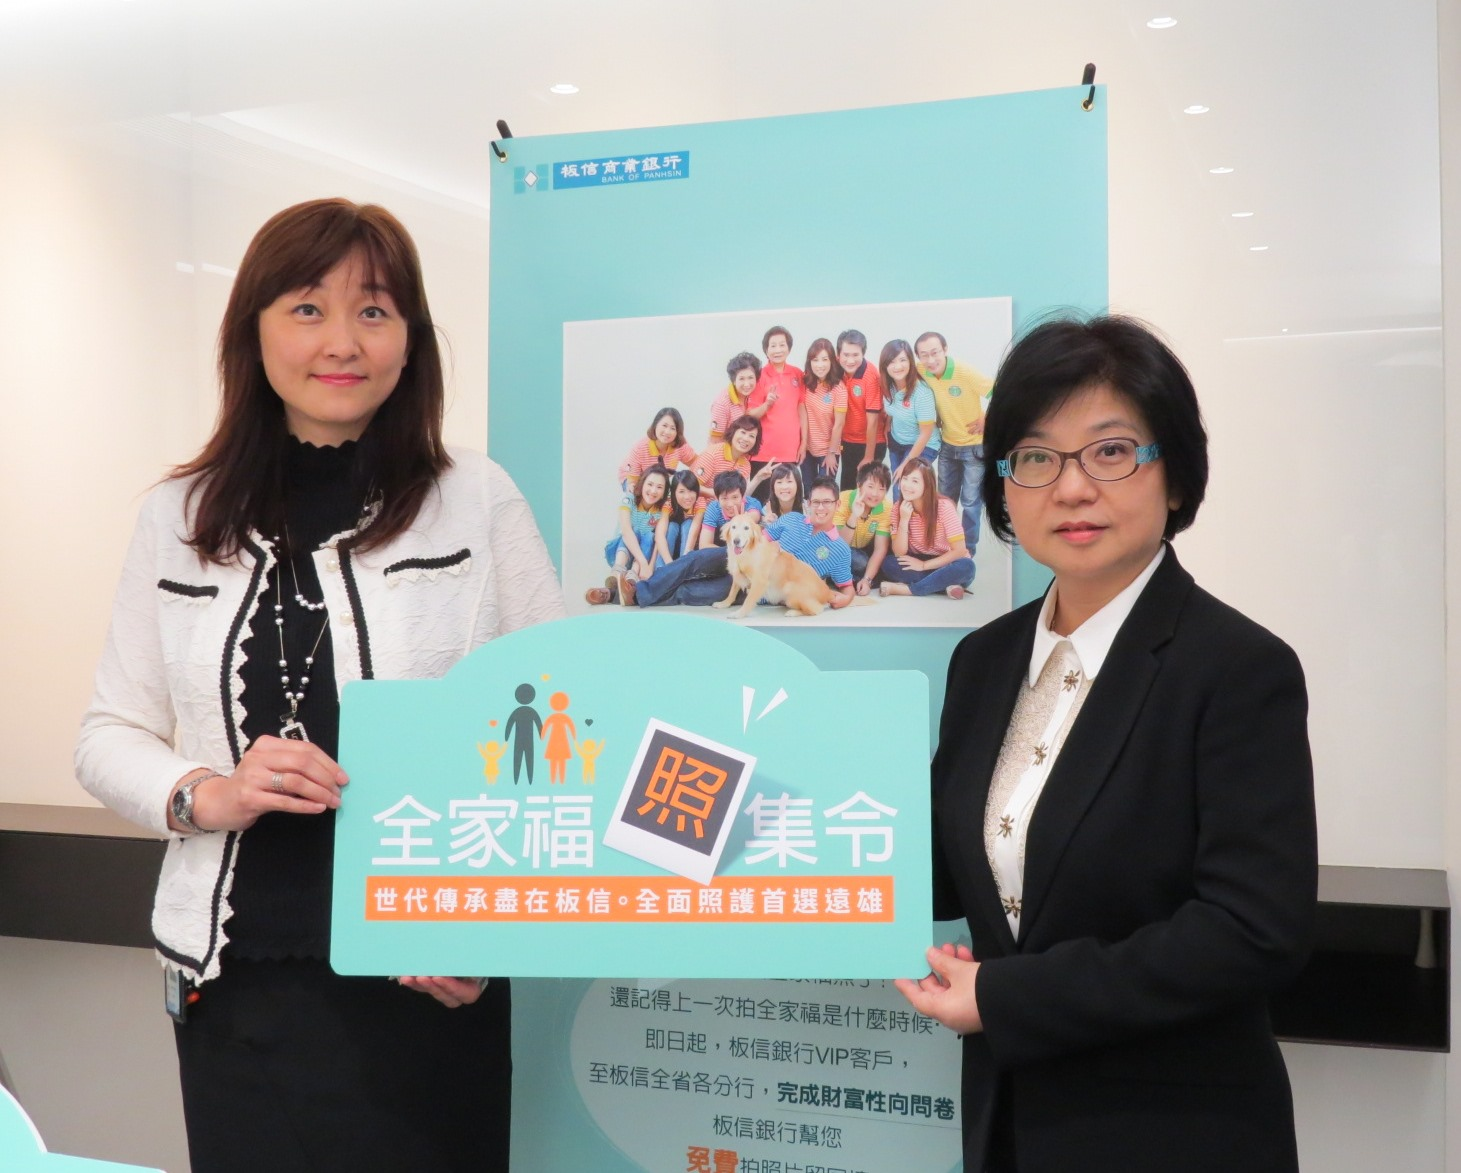 遠雄人壽與板信銀行合作 攜手創新互動行銷